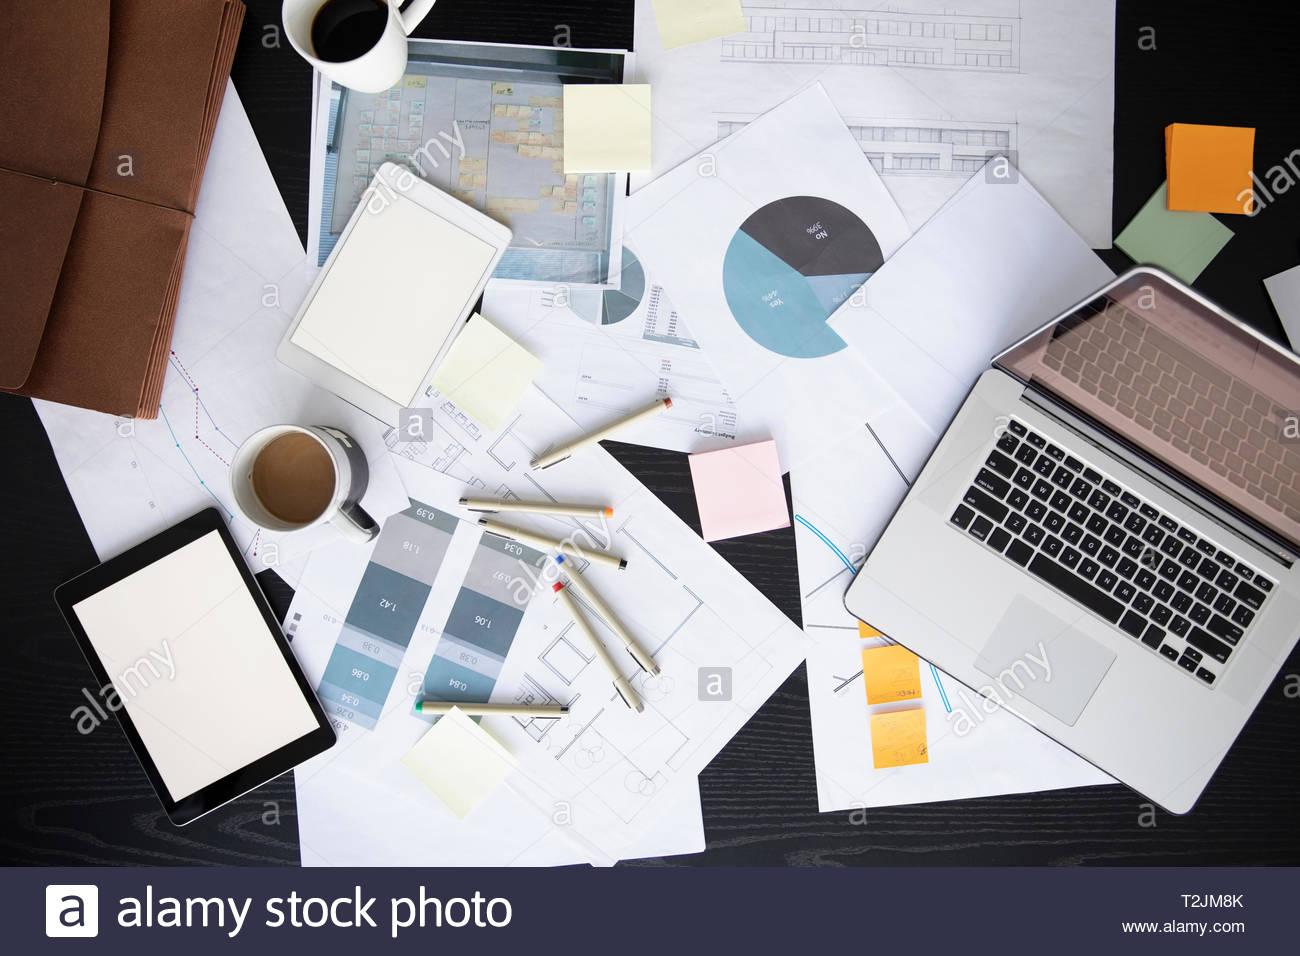 Vista desde arriba de la empresa papeleo, Portátil y tableta digital en la mesa de conferencias Imagen De Stock